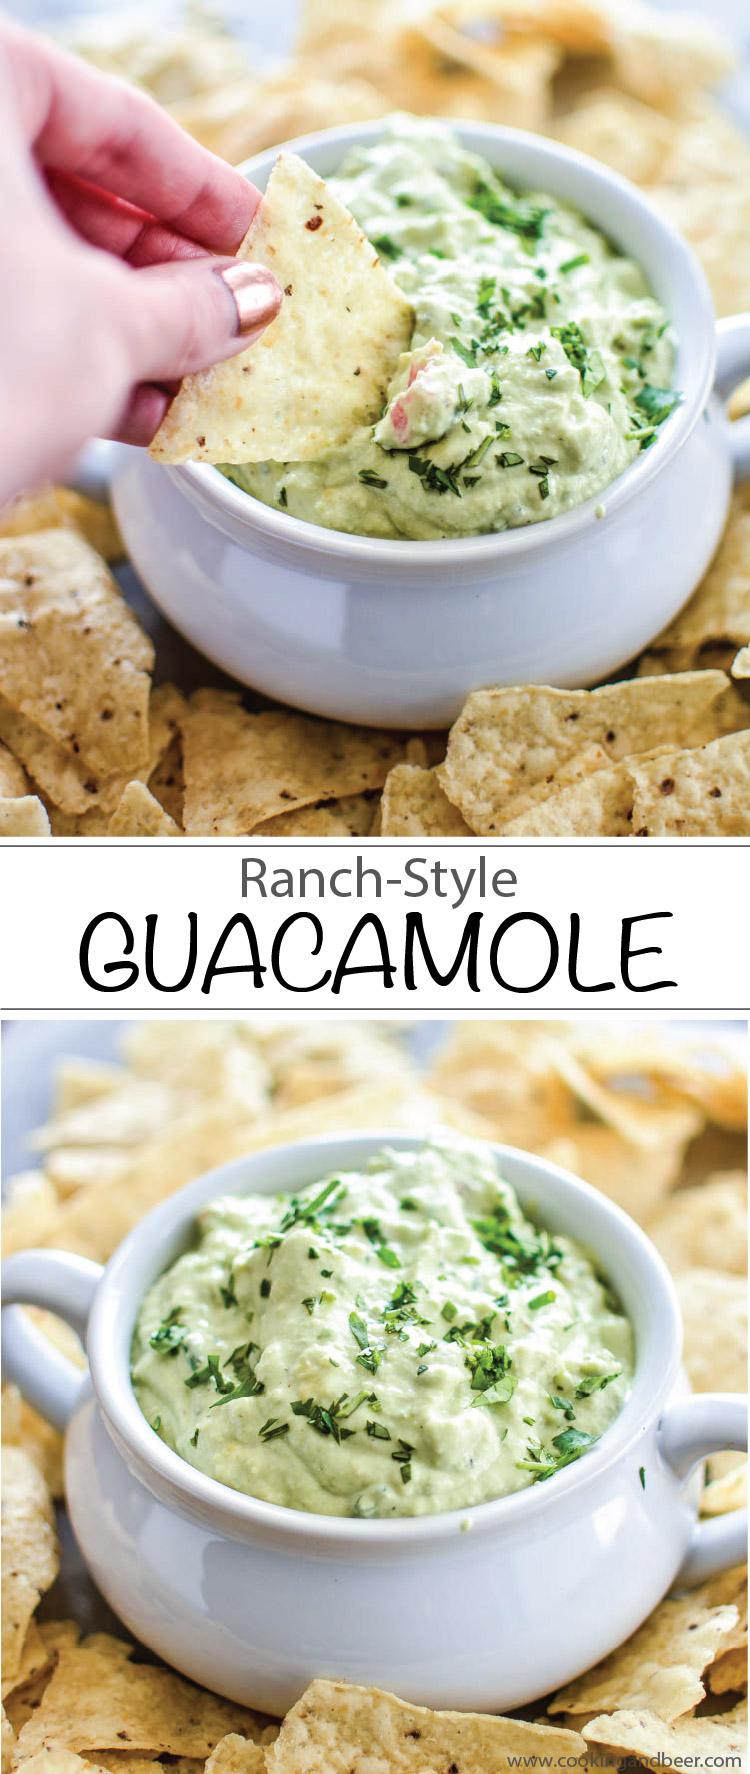 Ranch-Style Guacamole | www.cookingandbeer.com